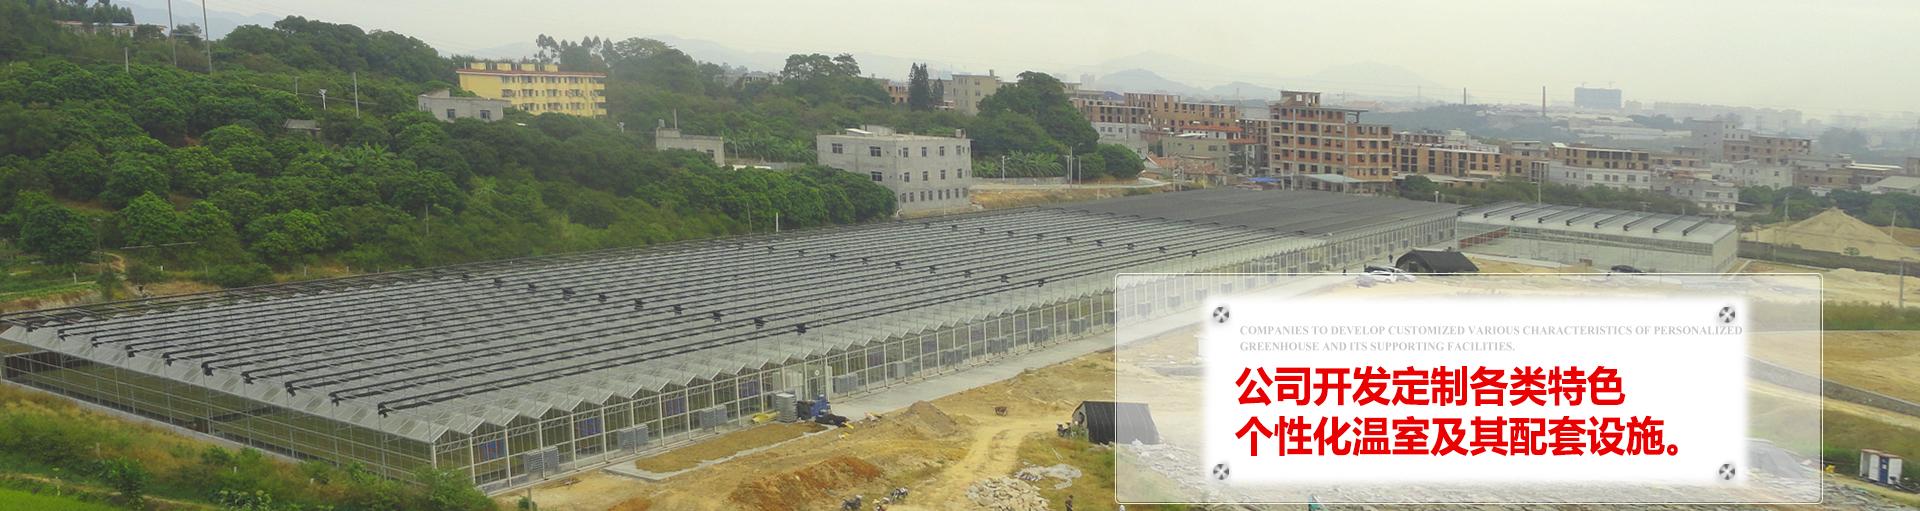 温室设计制造